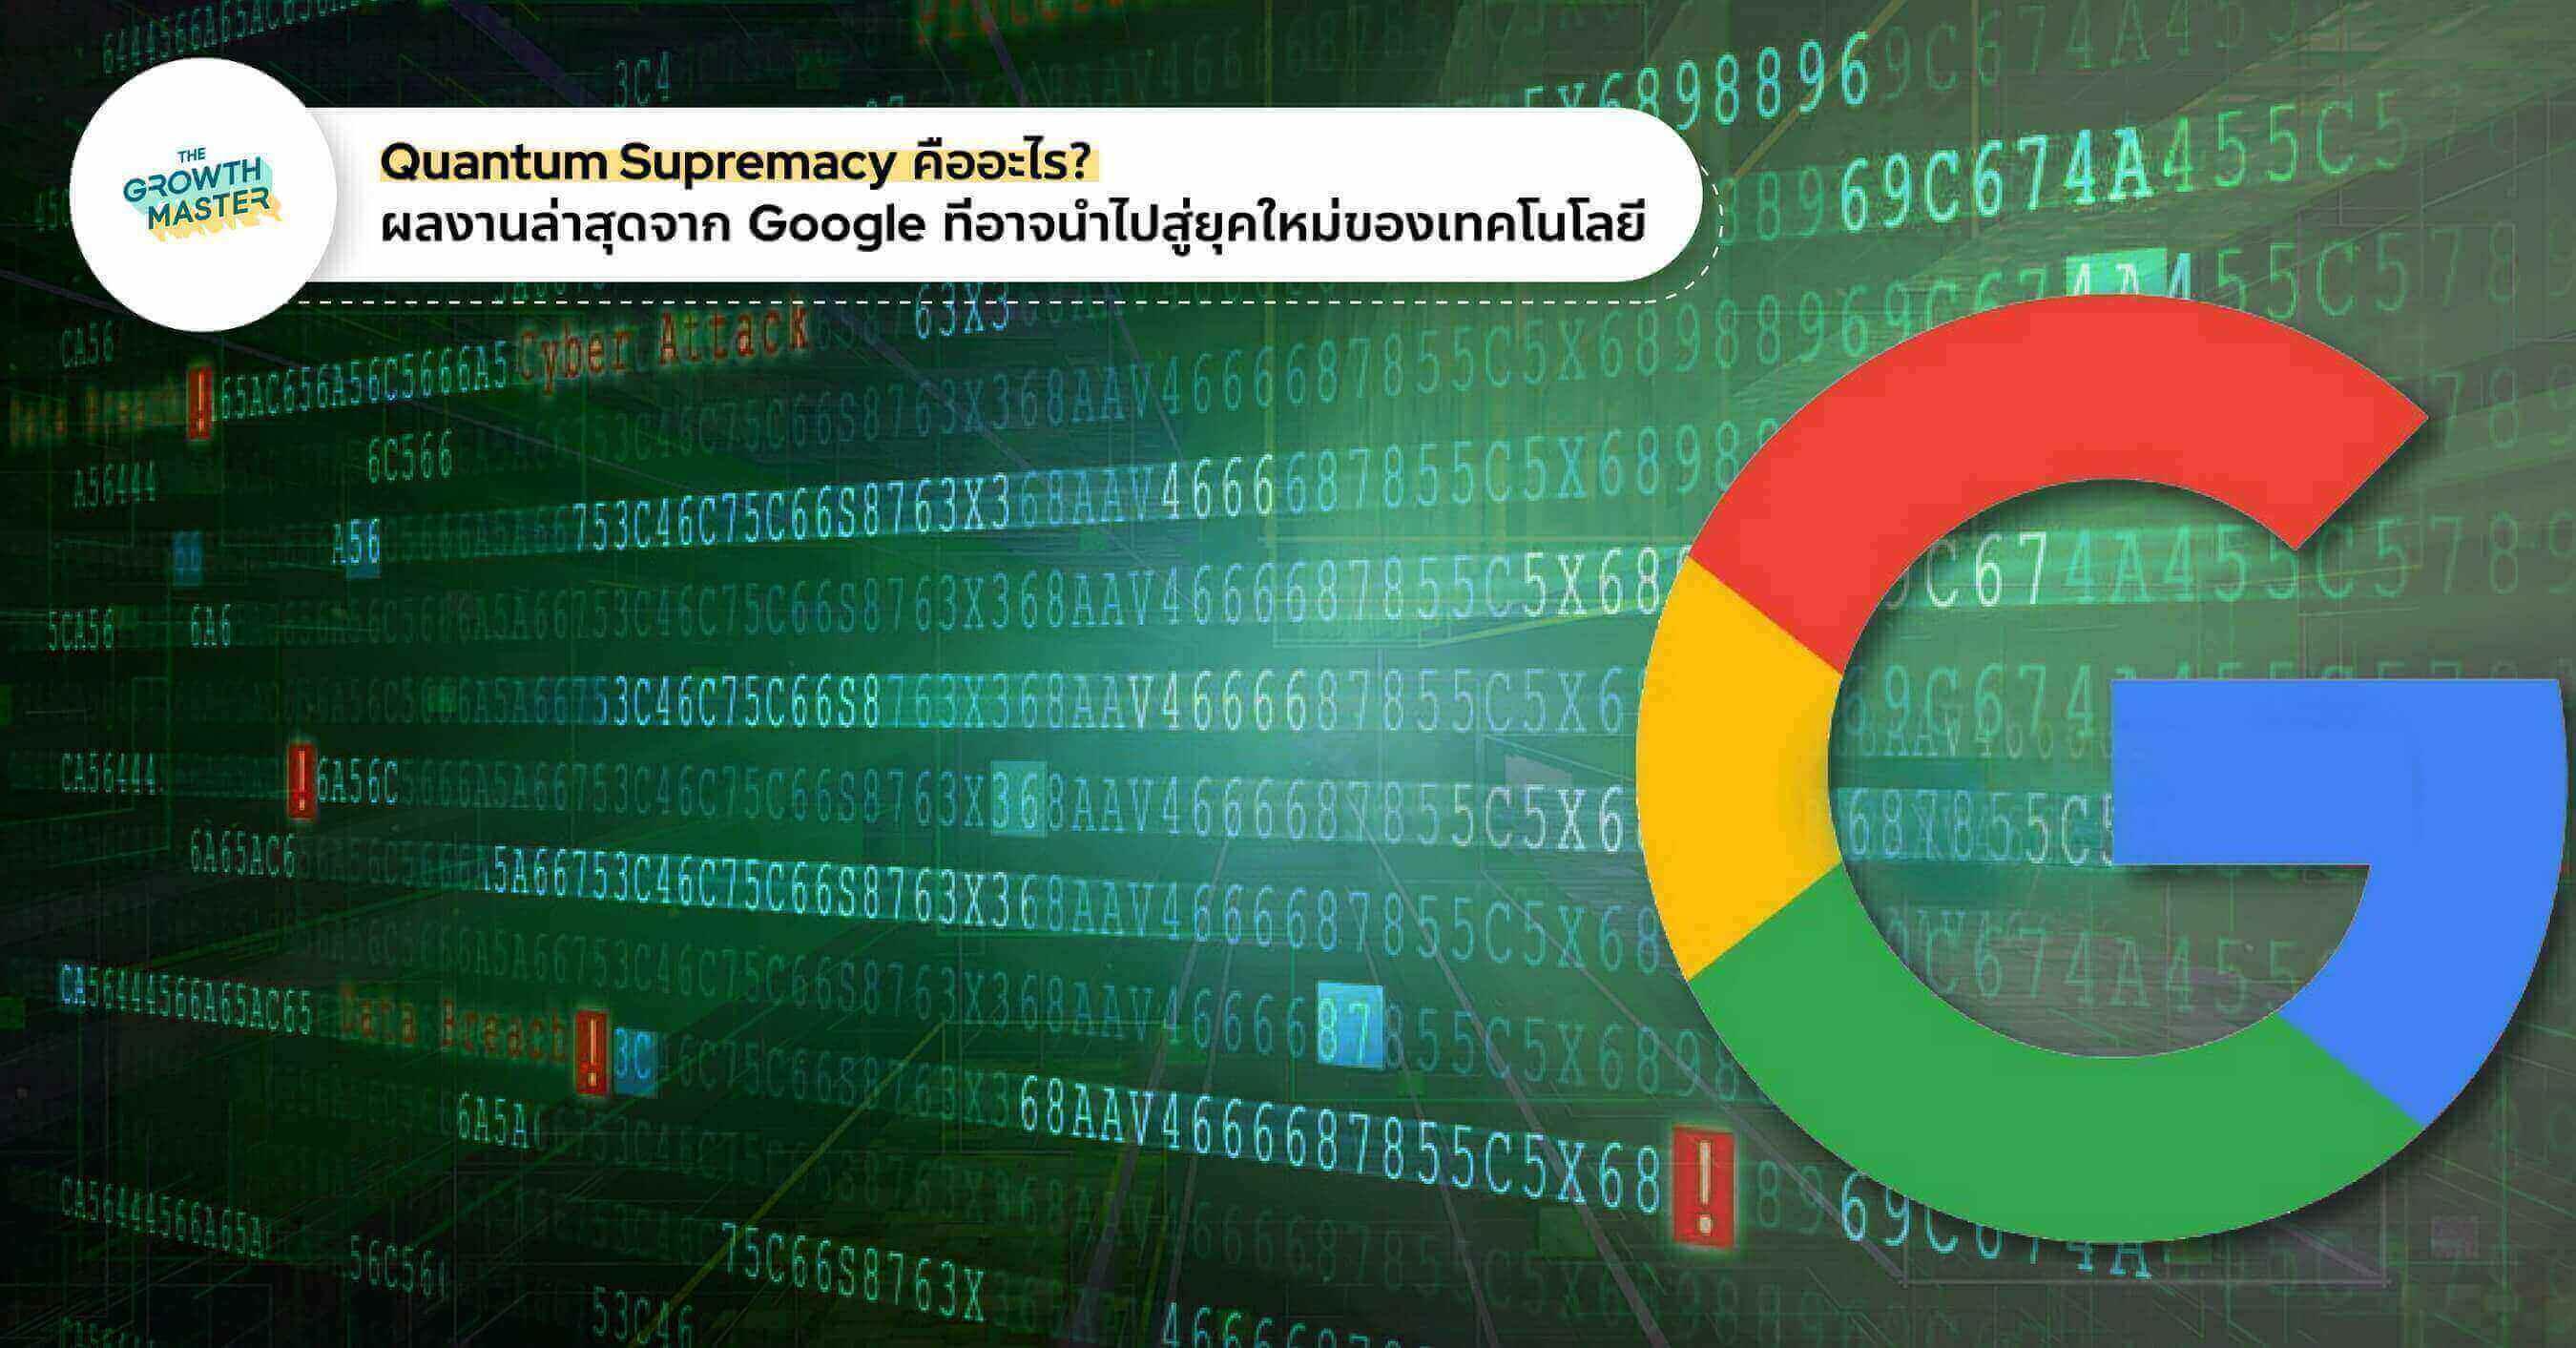 Quantum Supremacy คืออะไร? ผลงานล่าสุดจาก Google ที่อาจนำไปสู่ยุคใหม่ของเทคโนโลยี